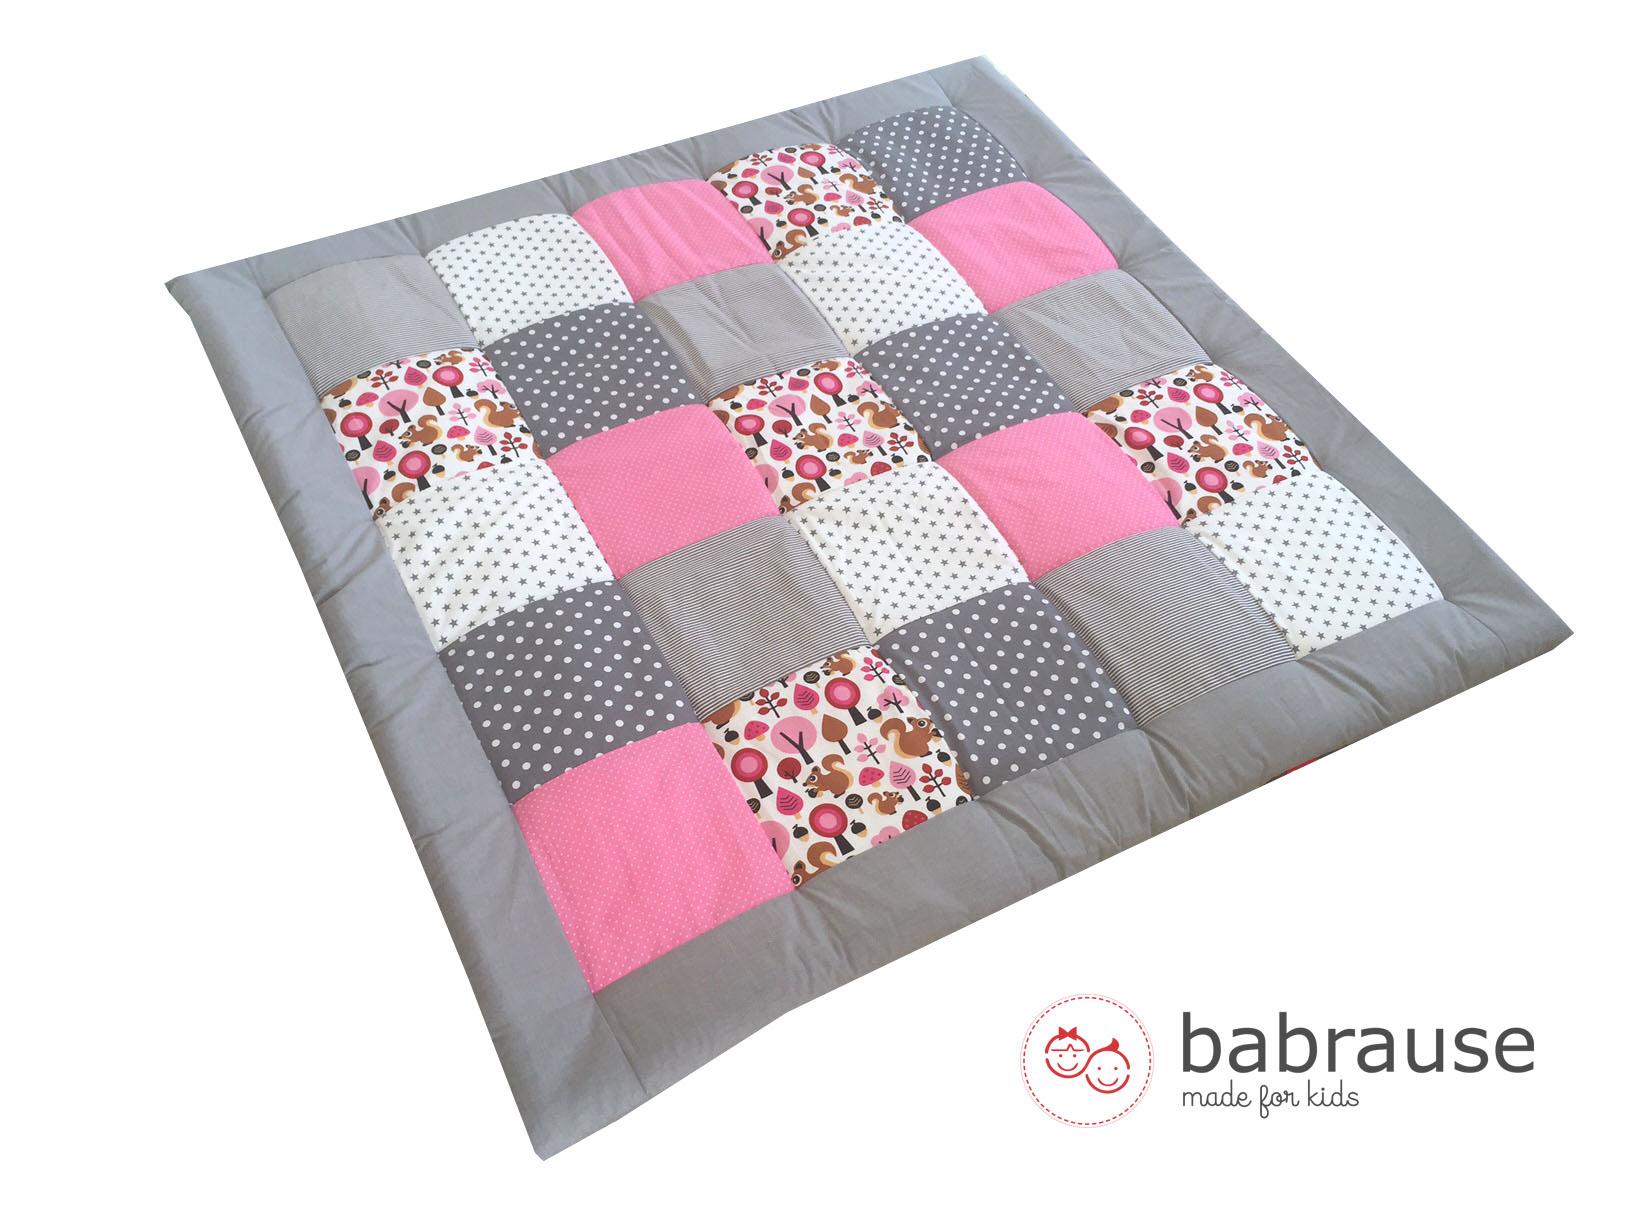 Krabbeldecke DIY Nähpaket Eichhörnchen grau rosa Stoff • Stoff-Shop ...